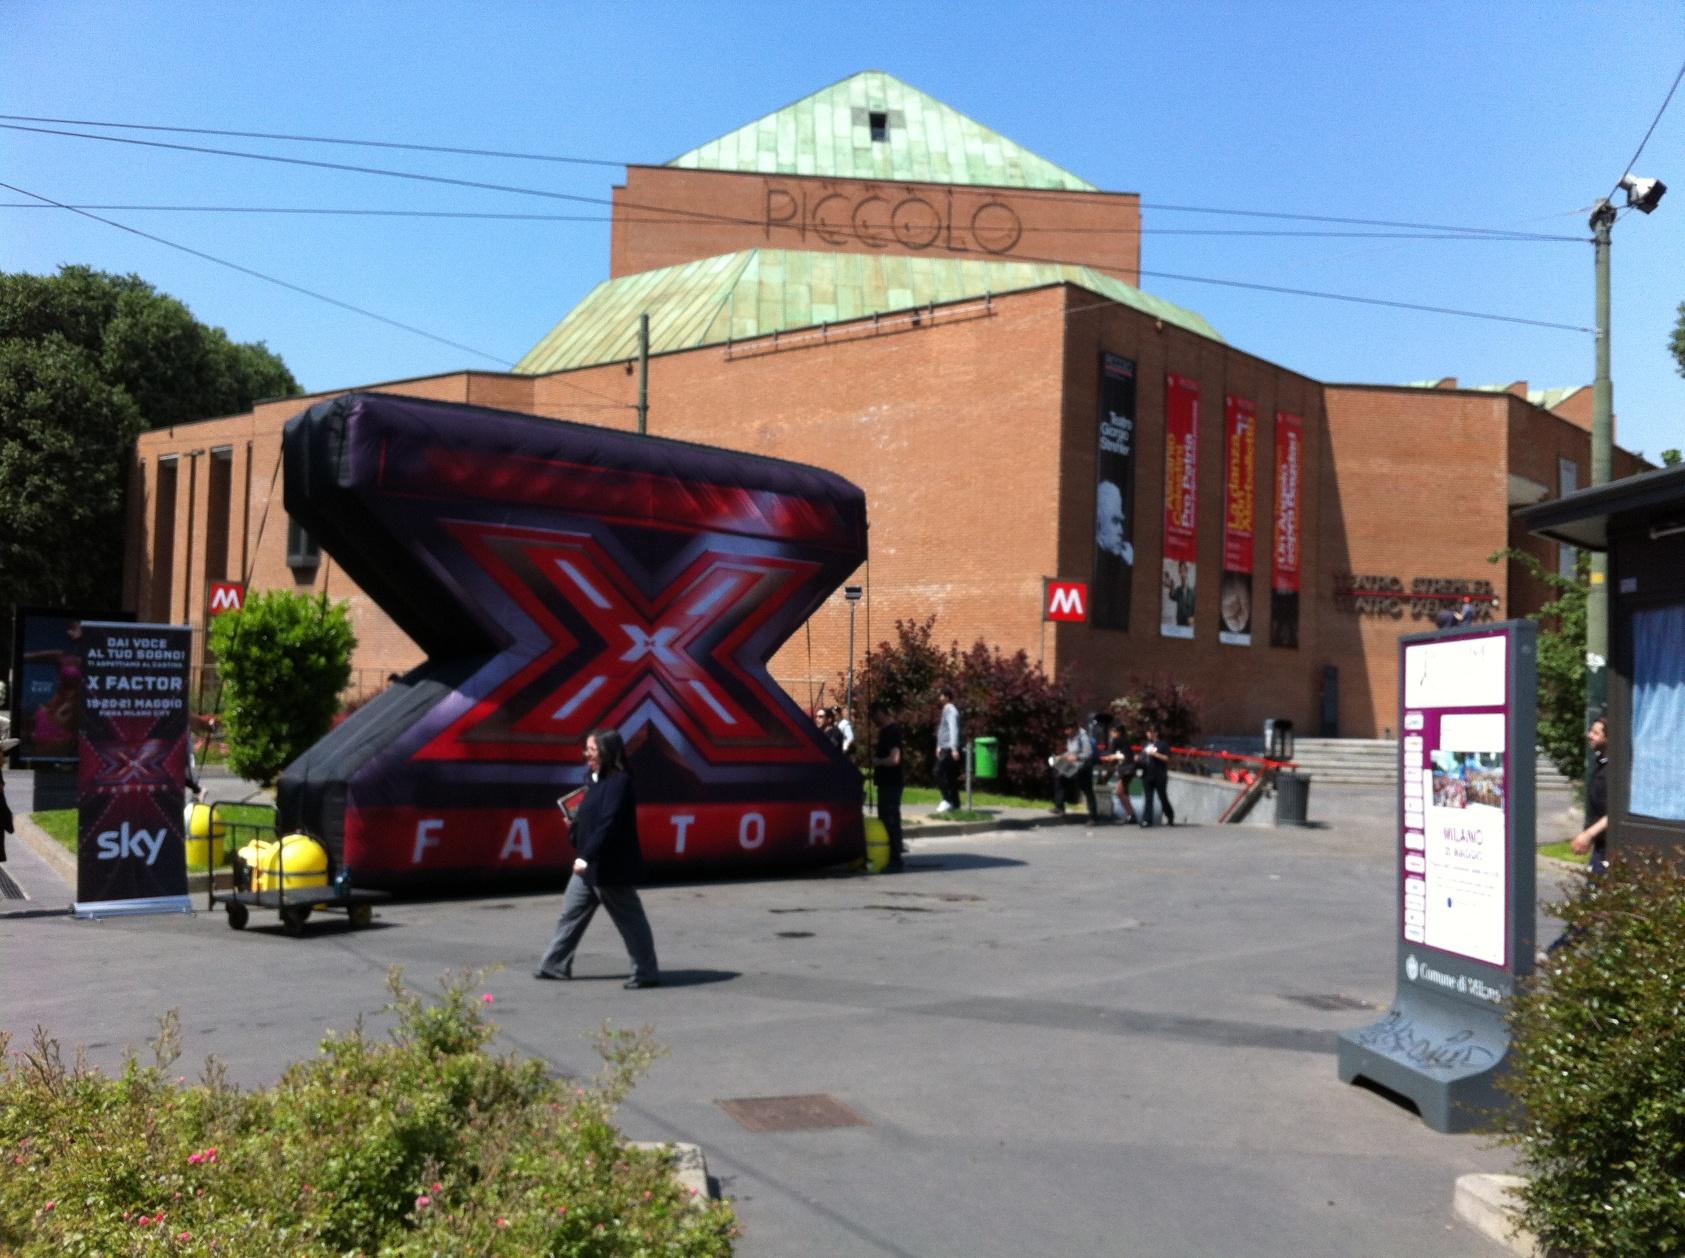 A Milano la seconda tappa di preselezioni di X Factor, da sabato 19 a Lunedì 21 Maggio | Digitale terrestre: Dtti.it